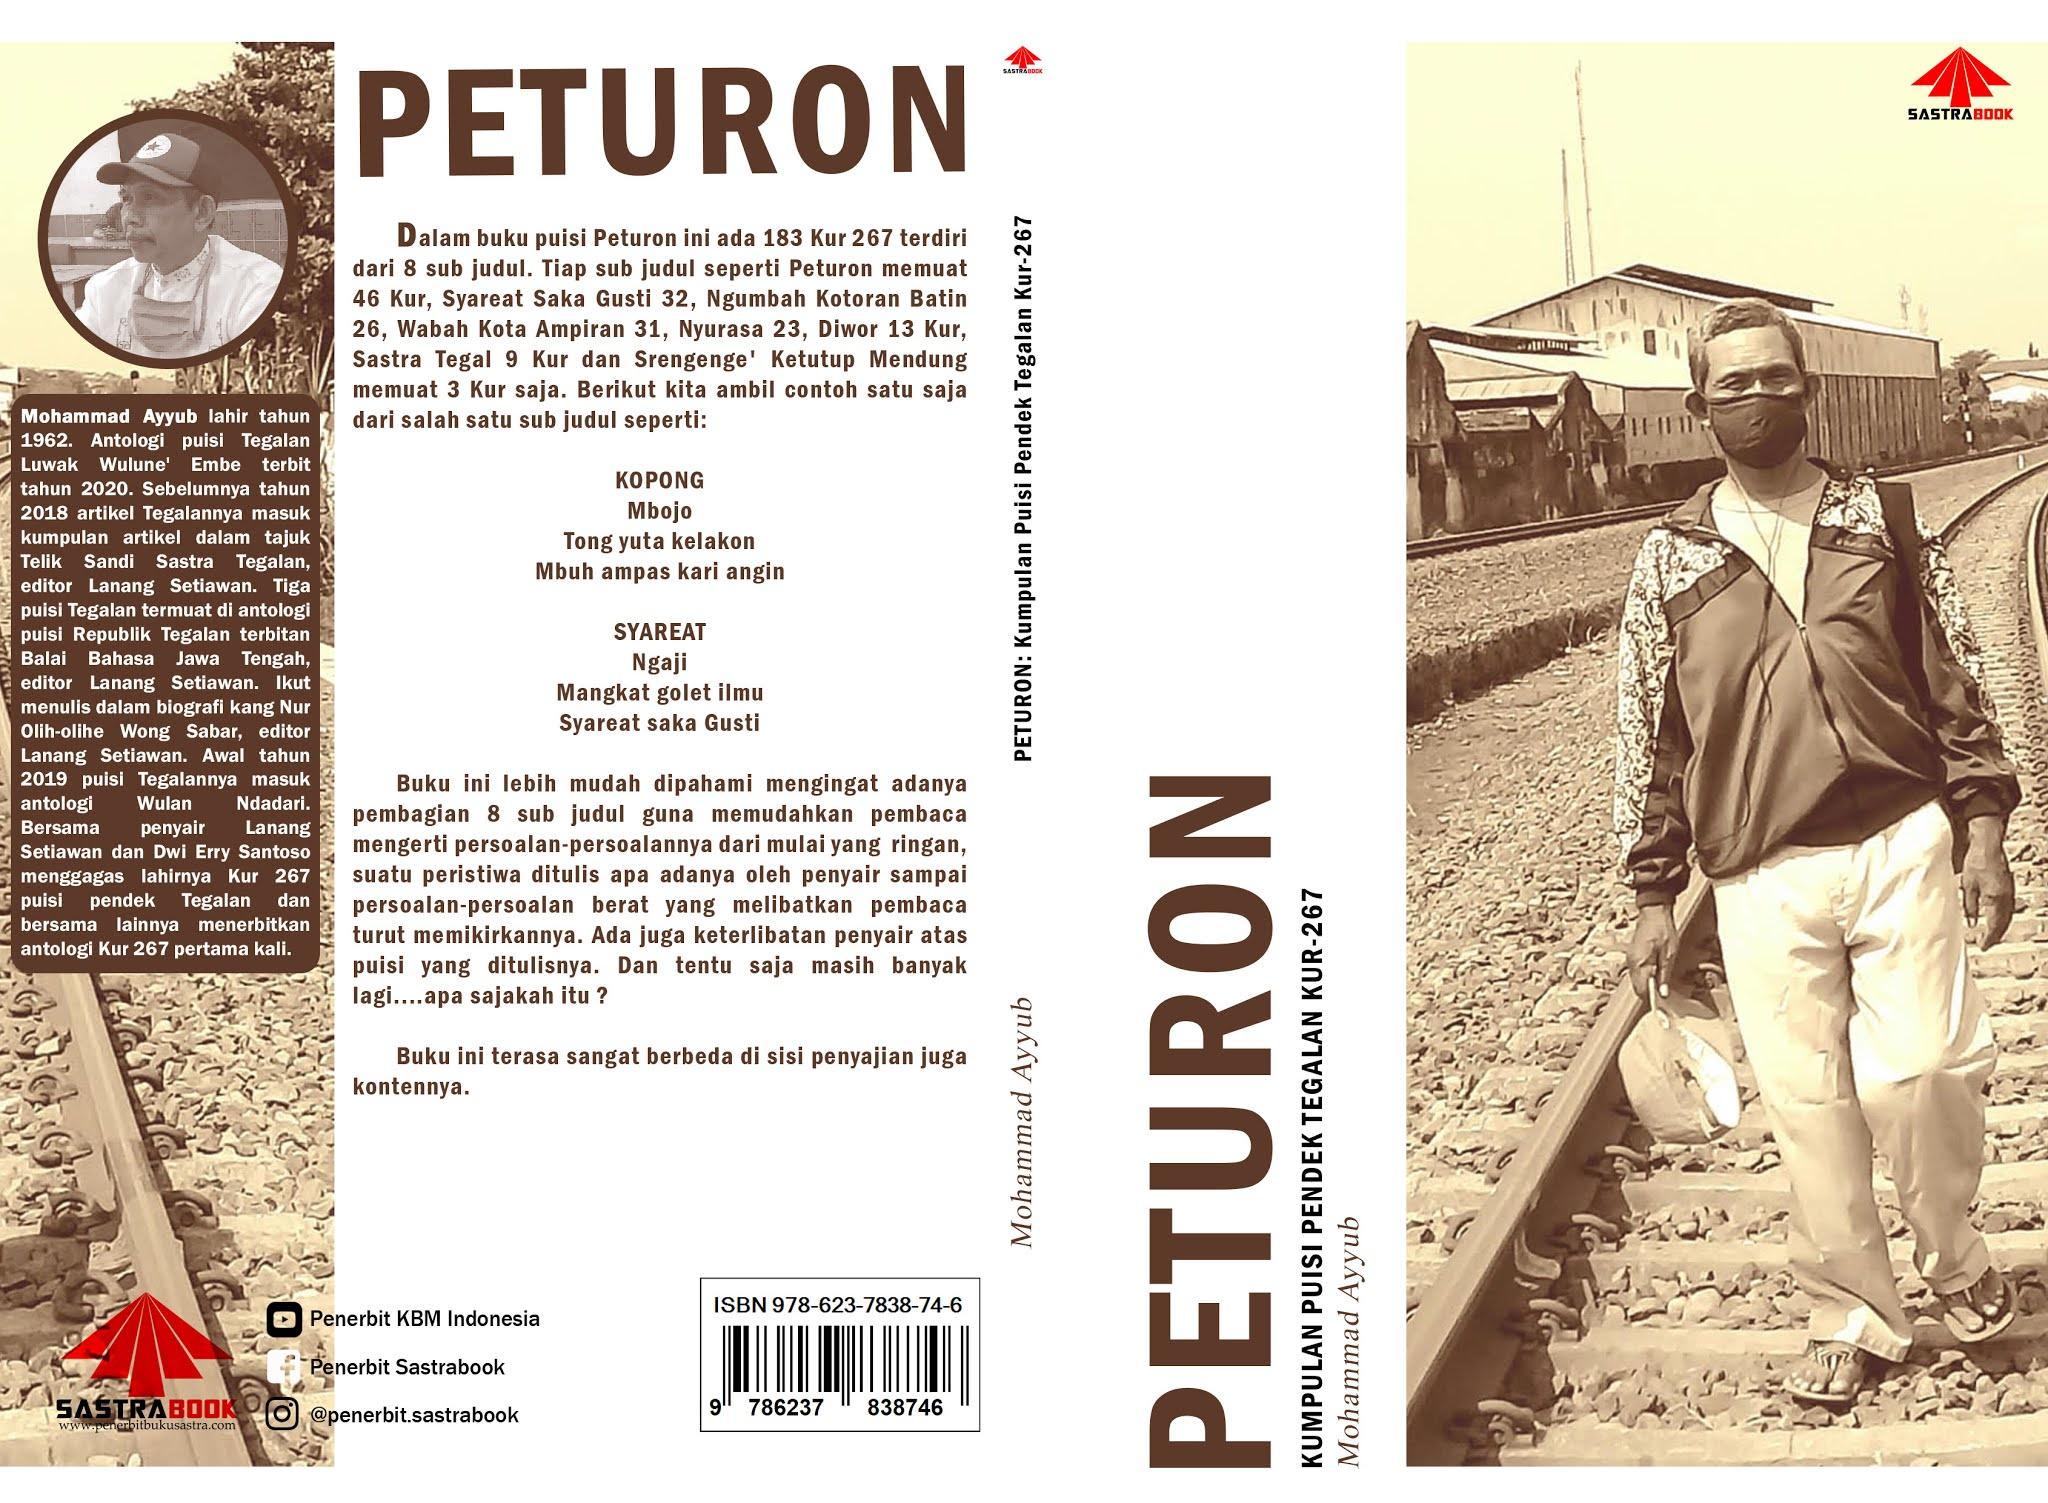 PETURON (Kumpulan Puisi Pendek Tegalan  Kur-267)